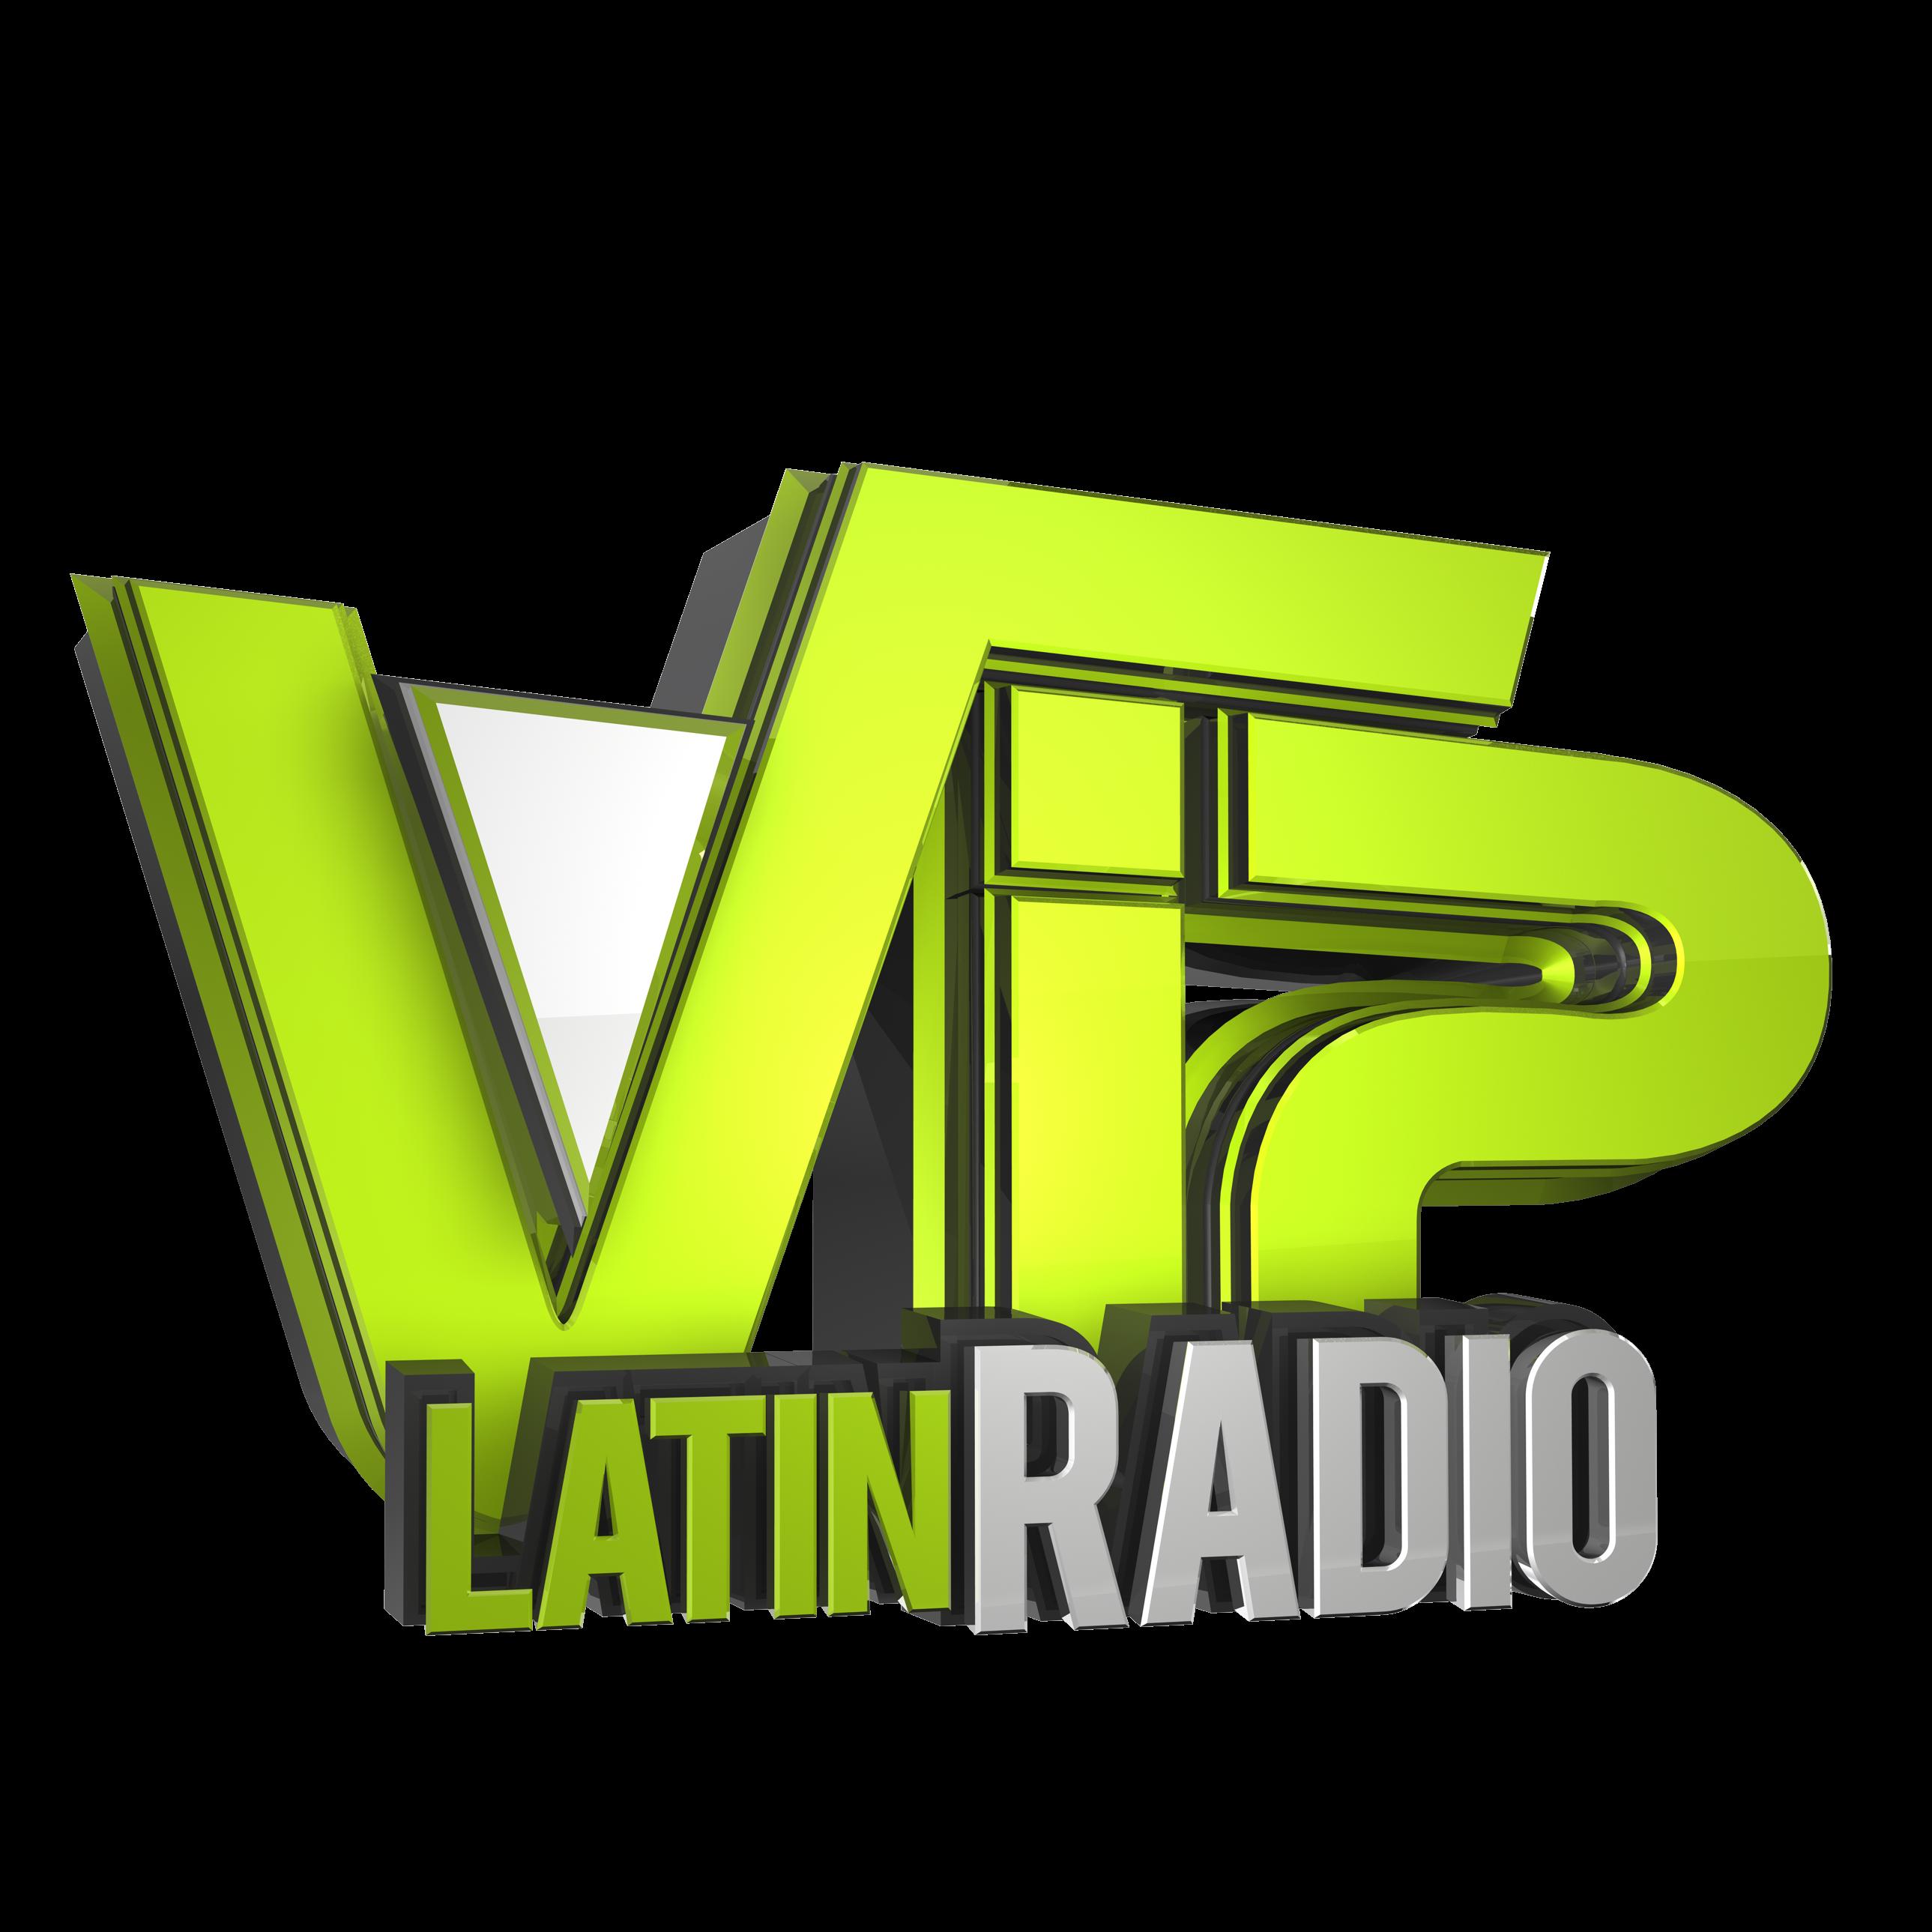 VIP Latin Radio